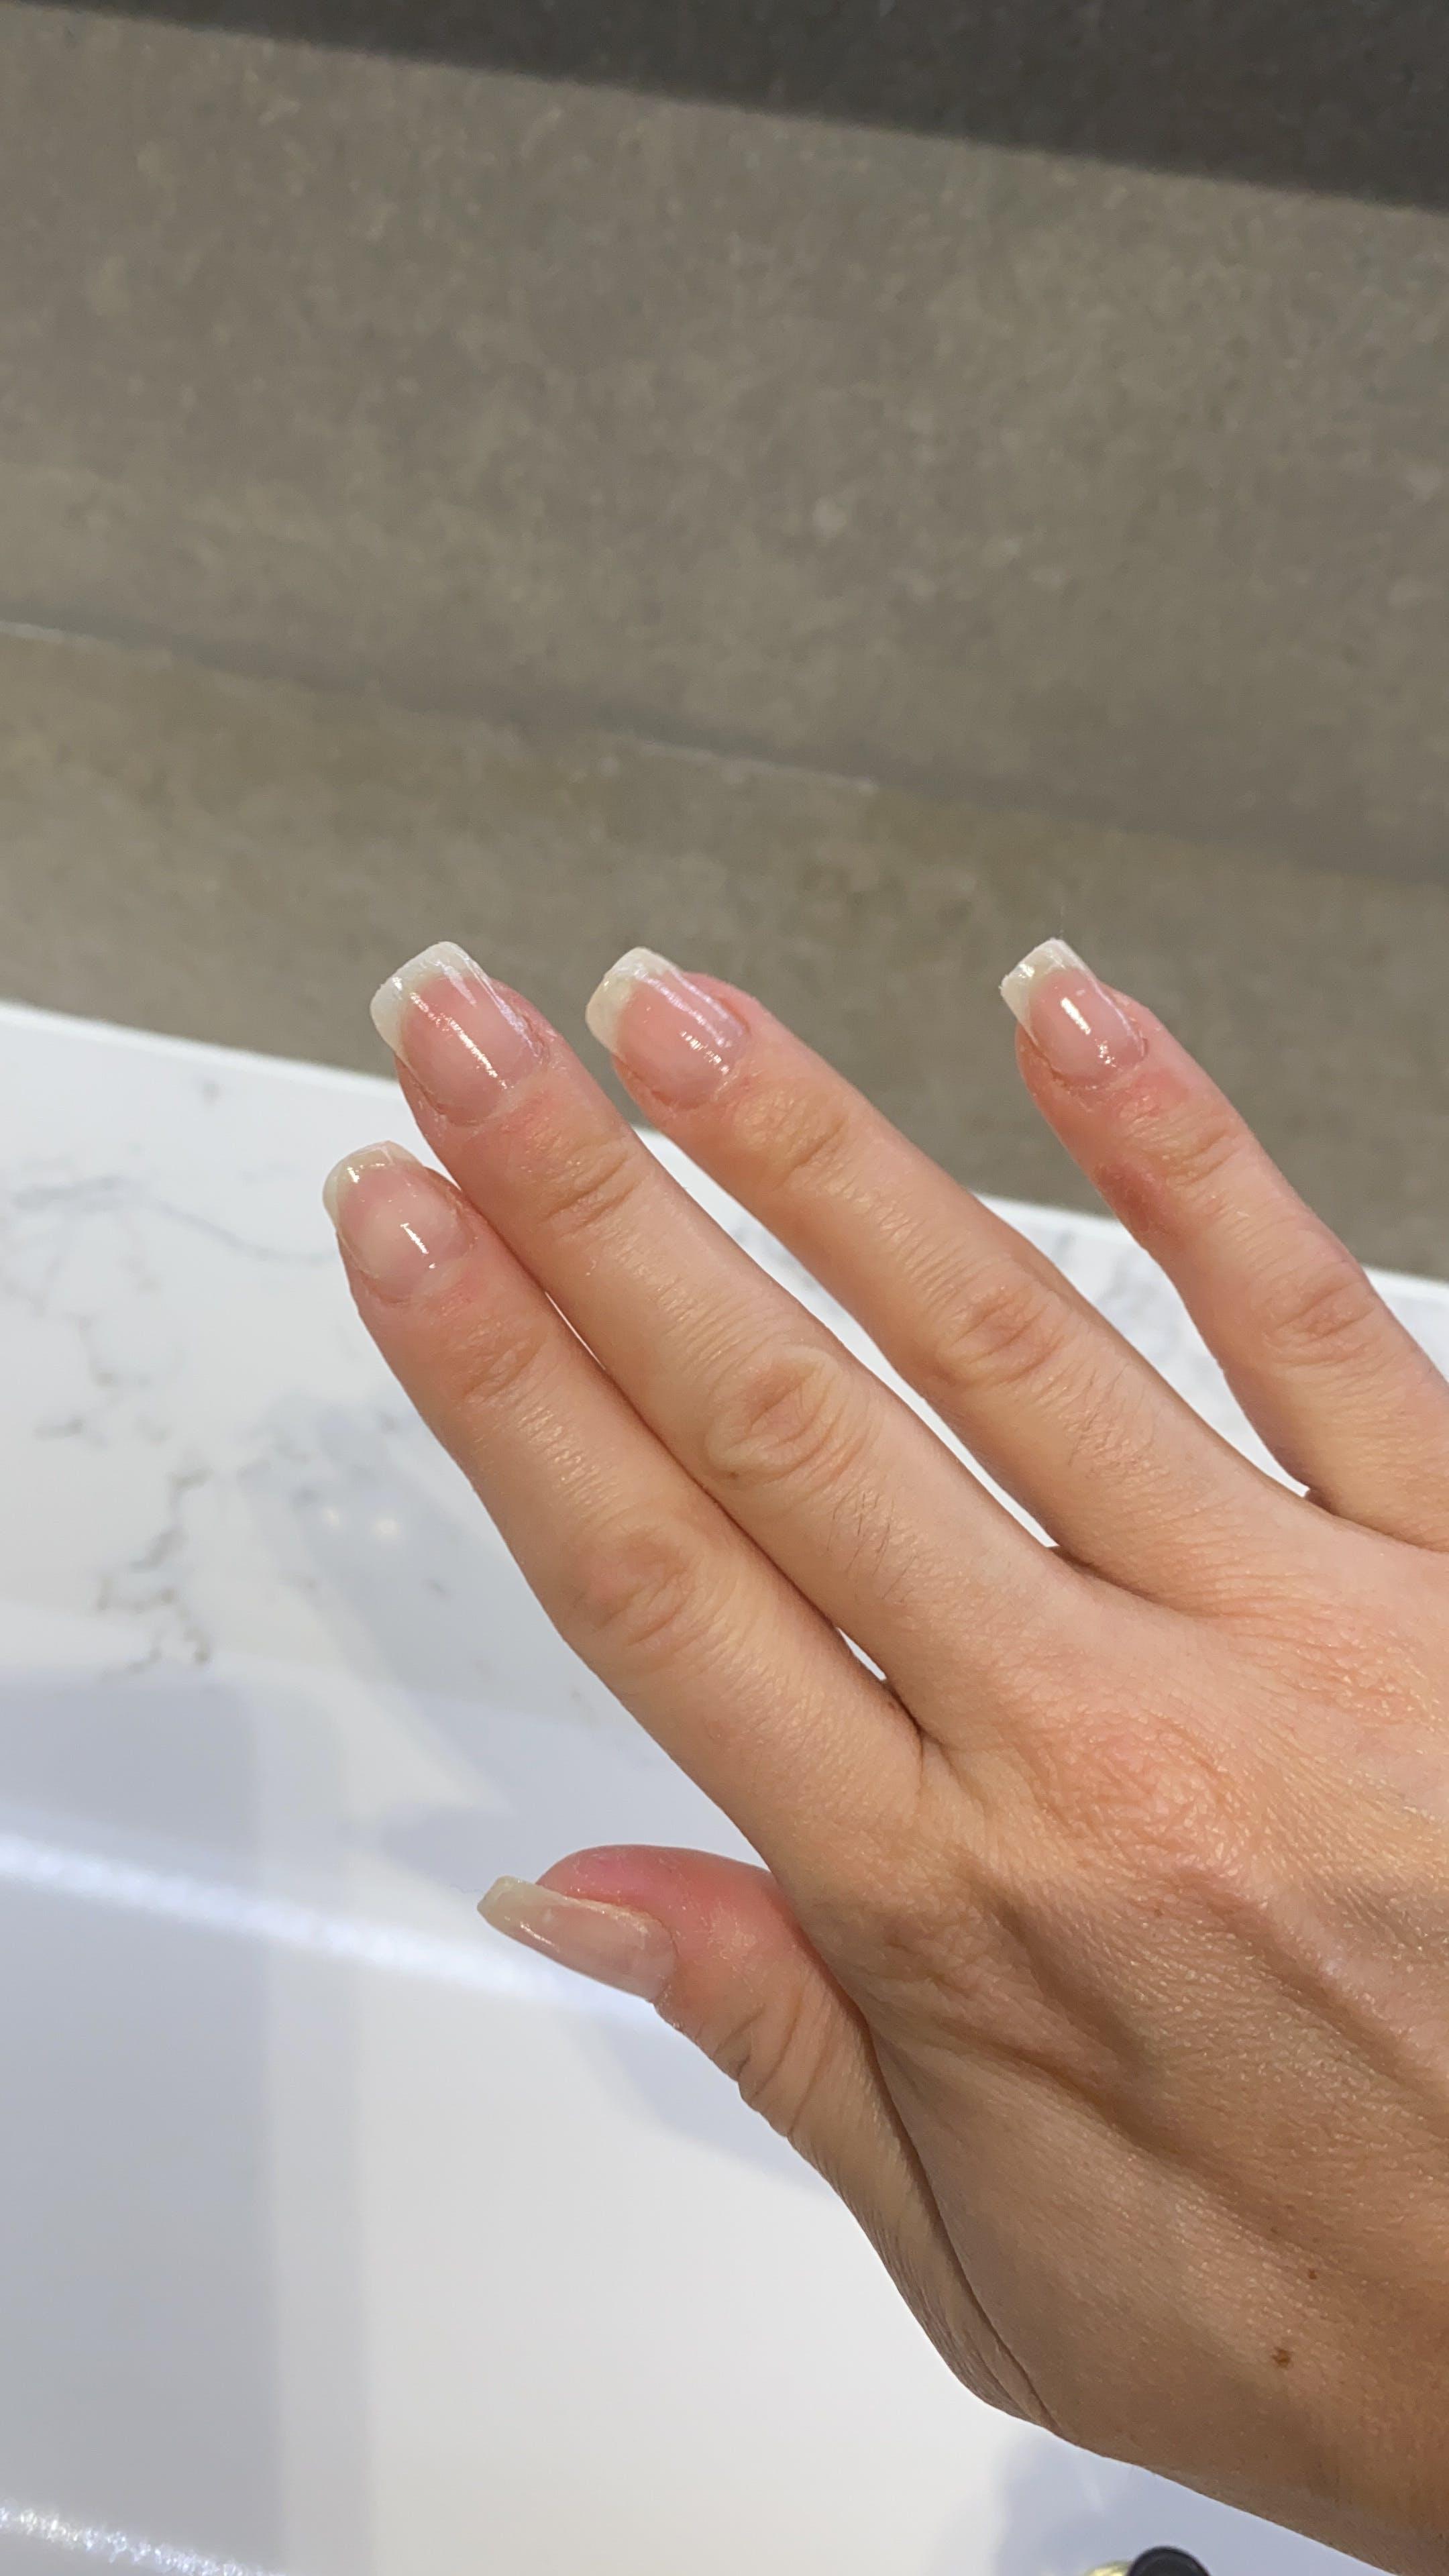 Duo Pack Nail Treatment Ibx Strengthen Repair Nsi Australia